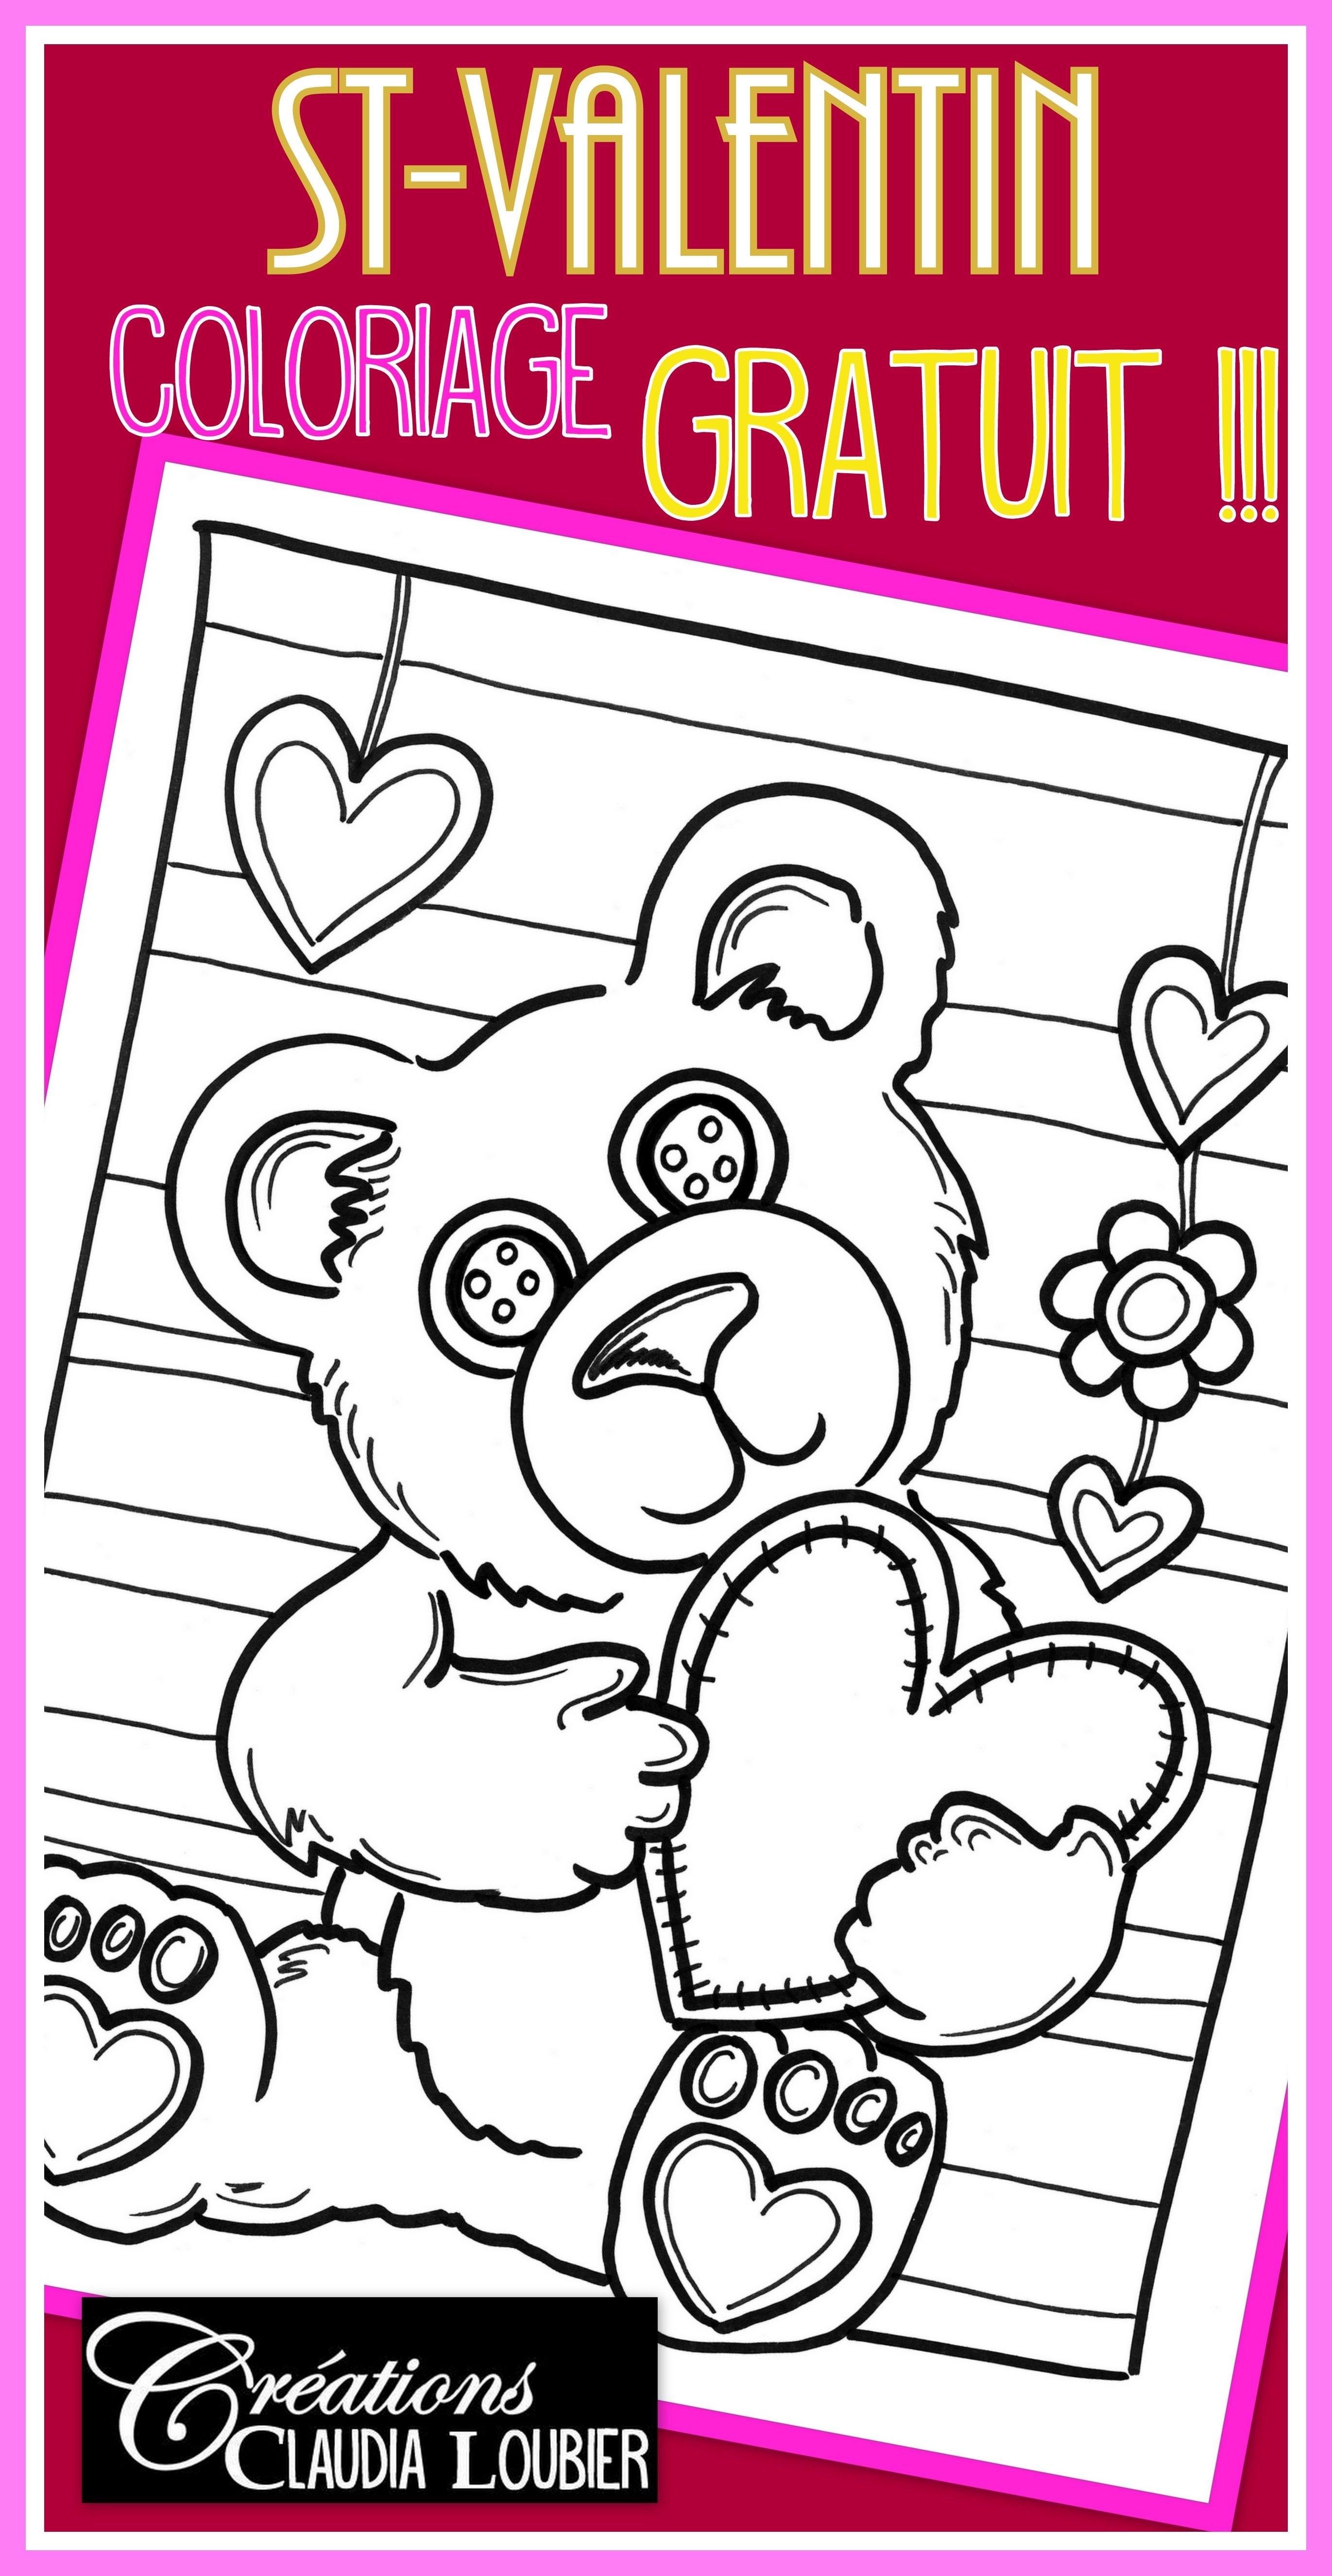 Un petit cadeau pour vous Un coloriage de S Valentin pour vos él¨ves